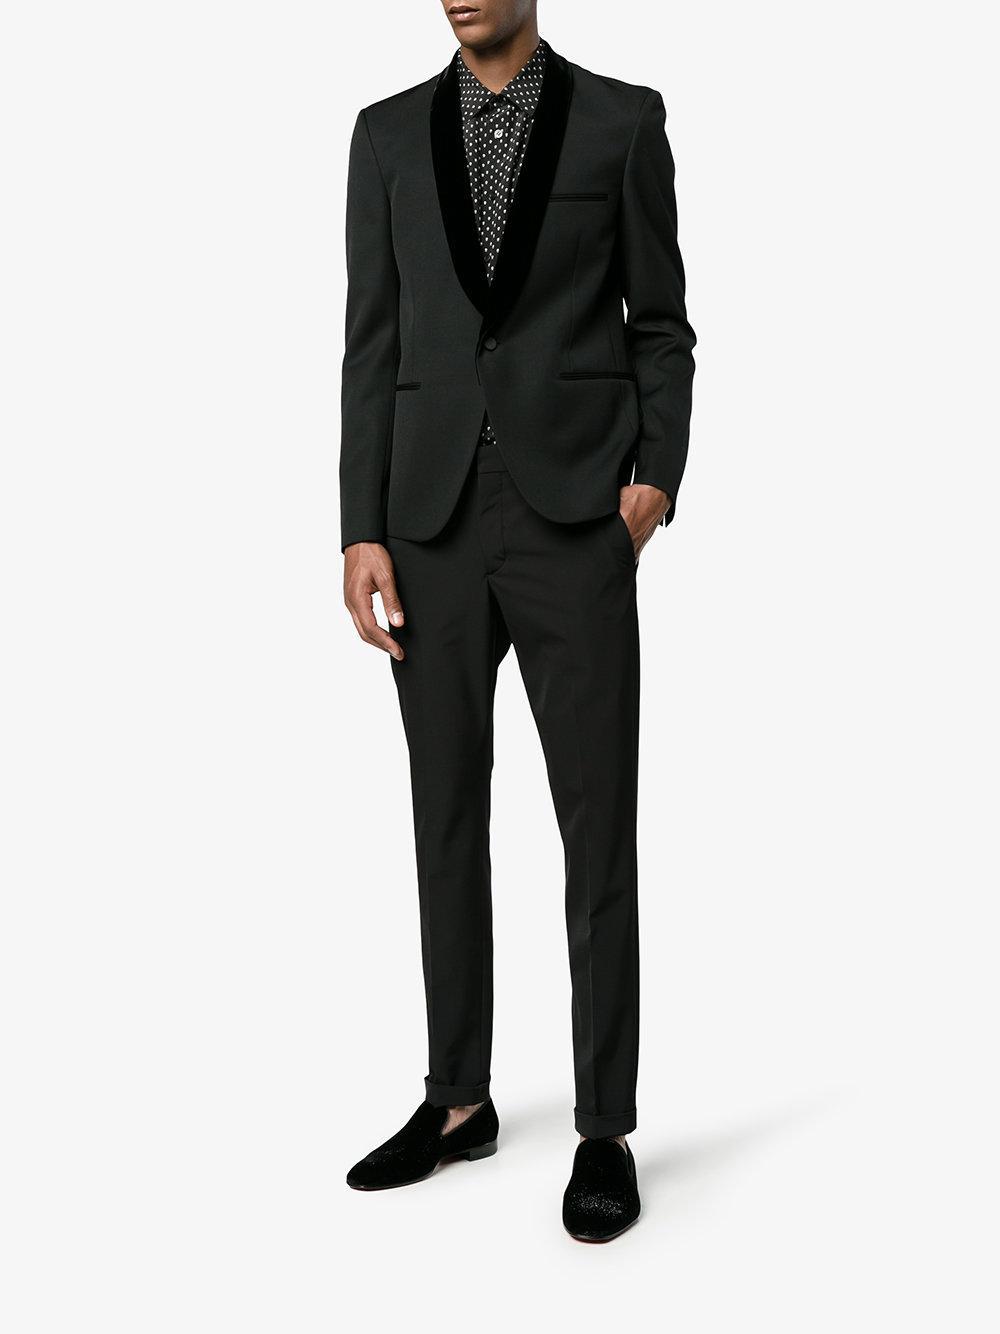 d1e2e2b91a3 Christian Louboutin Black Dandelion Velvet Loafers for men